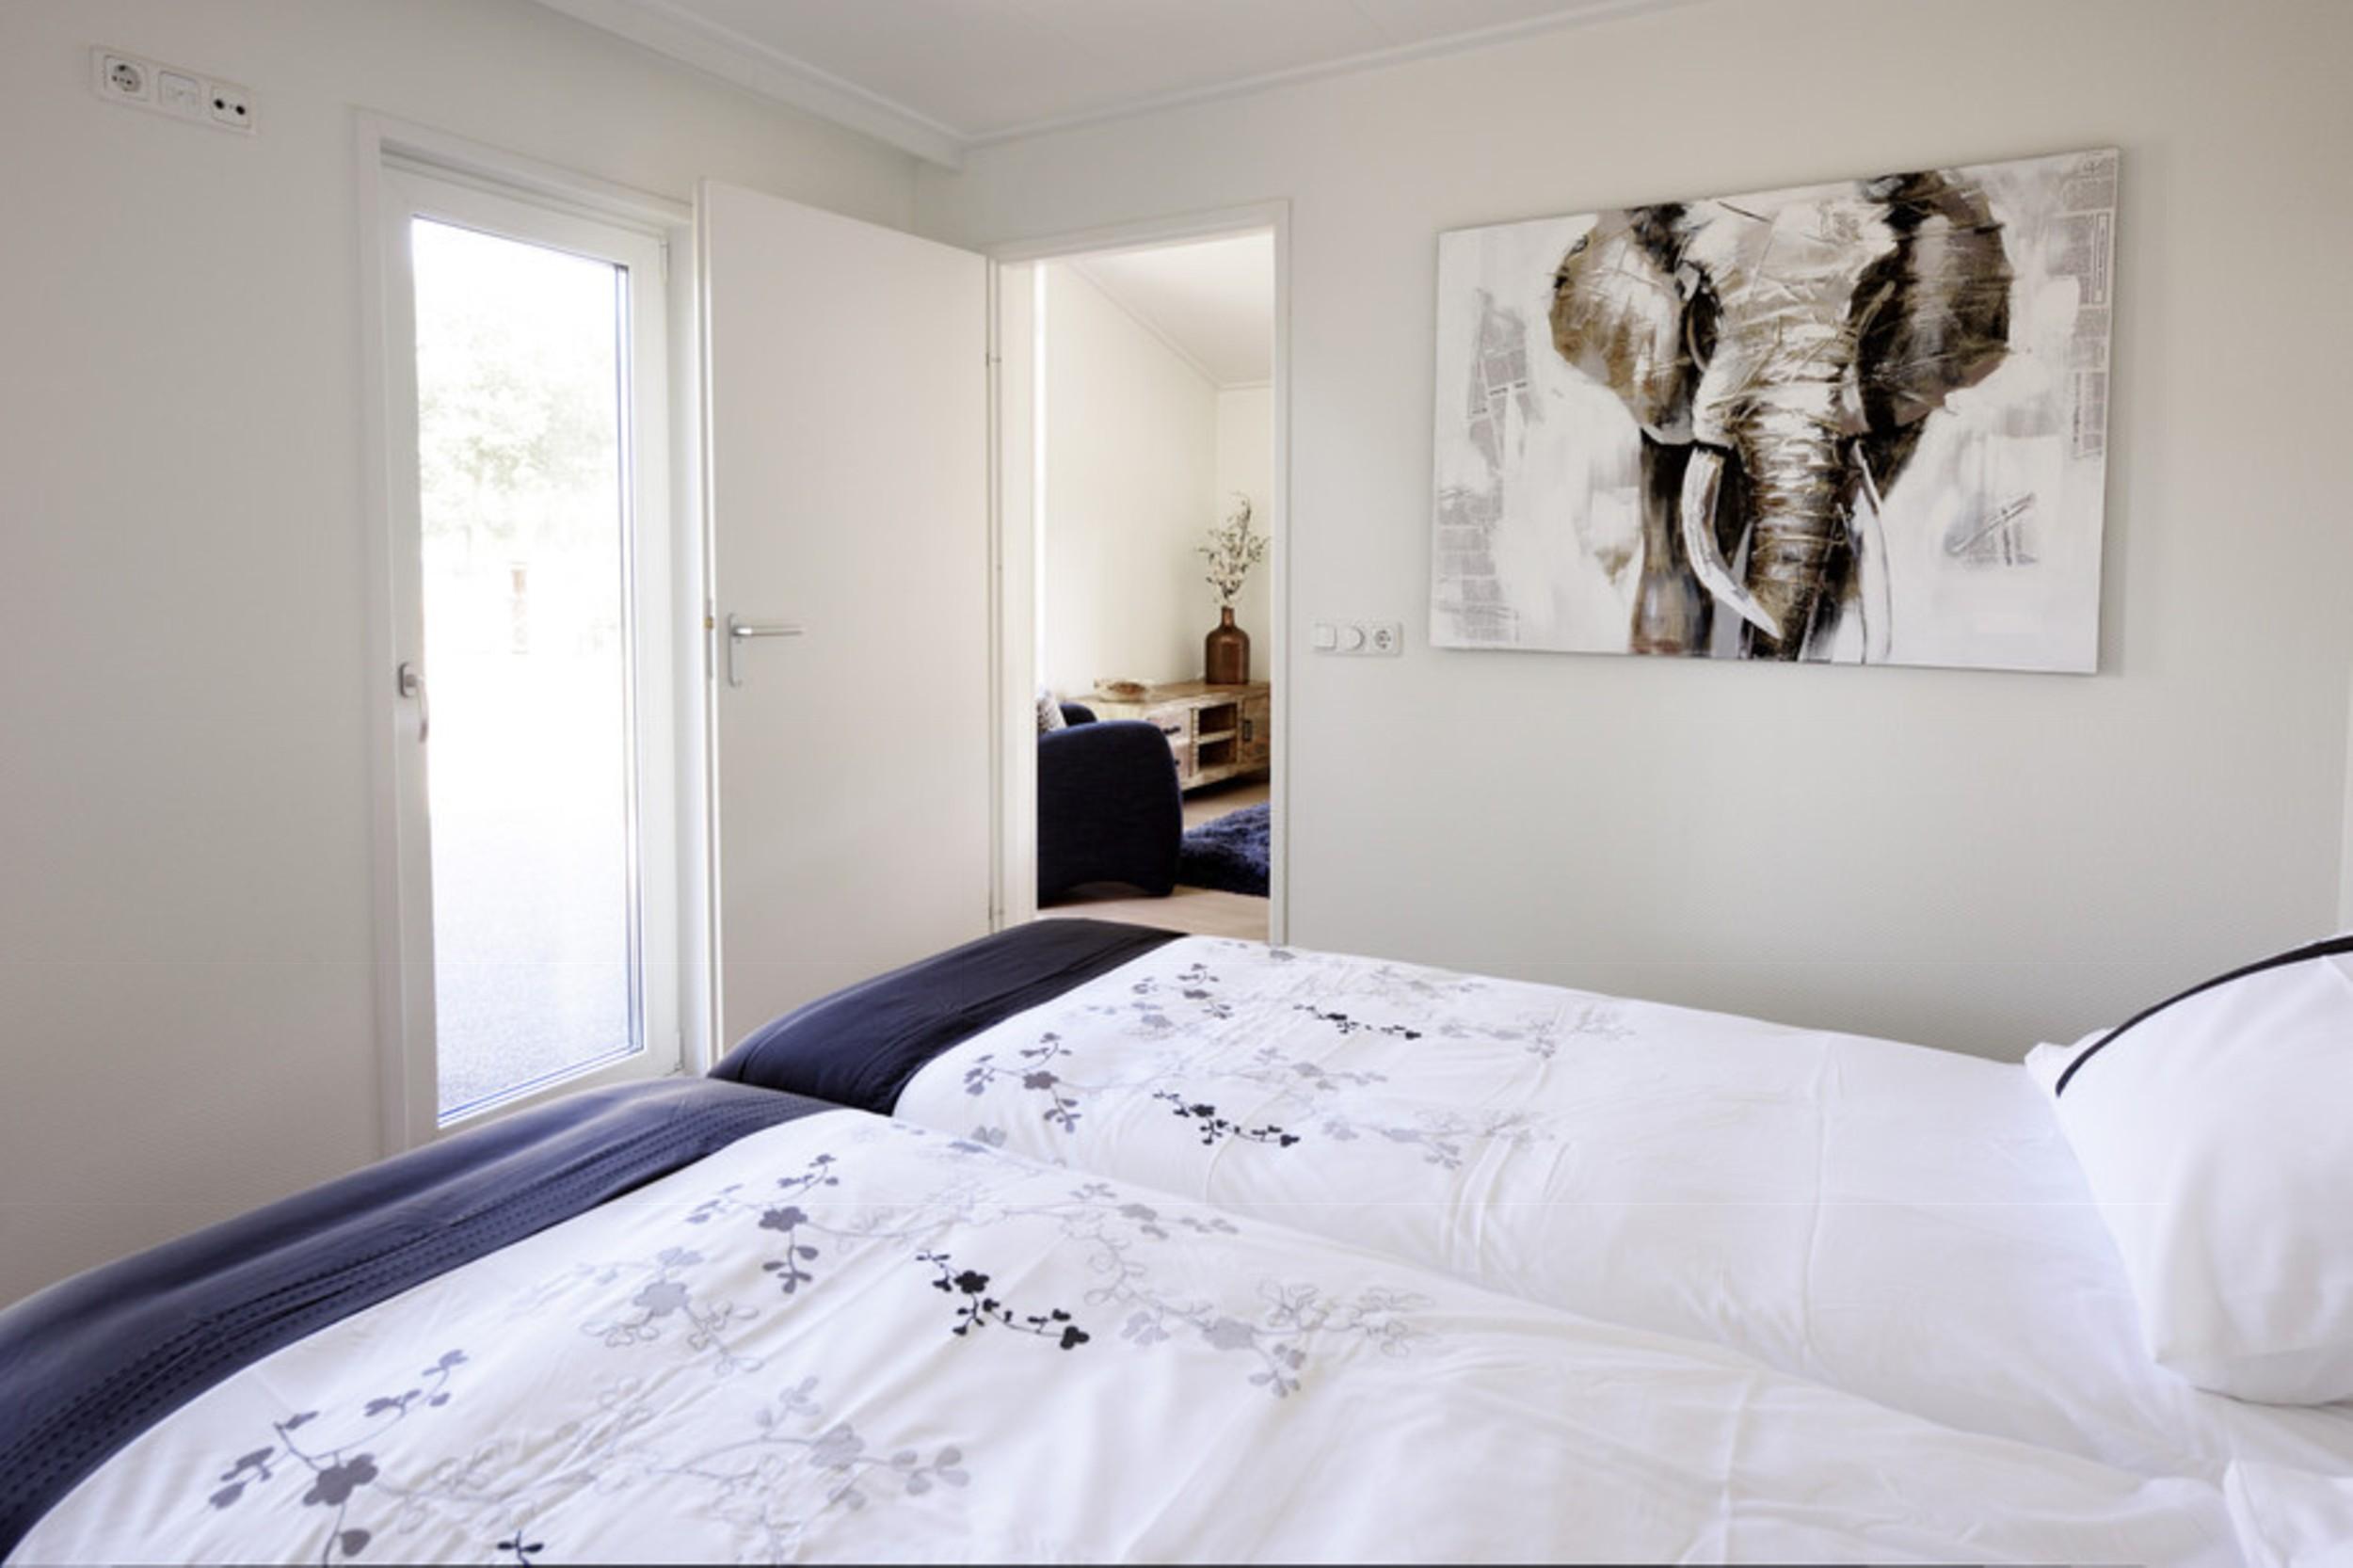 Mobilheim EcoSun Blick ins Schlafzimmer